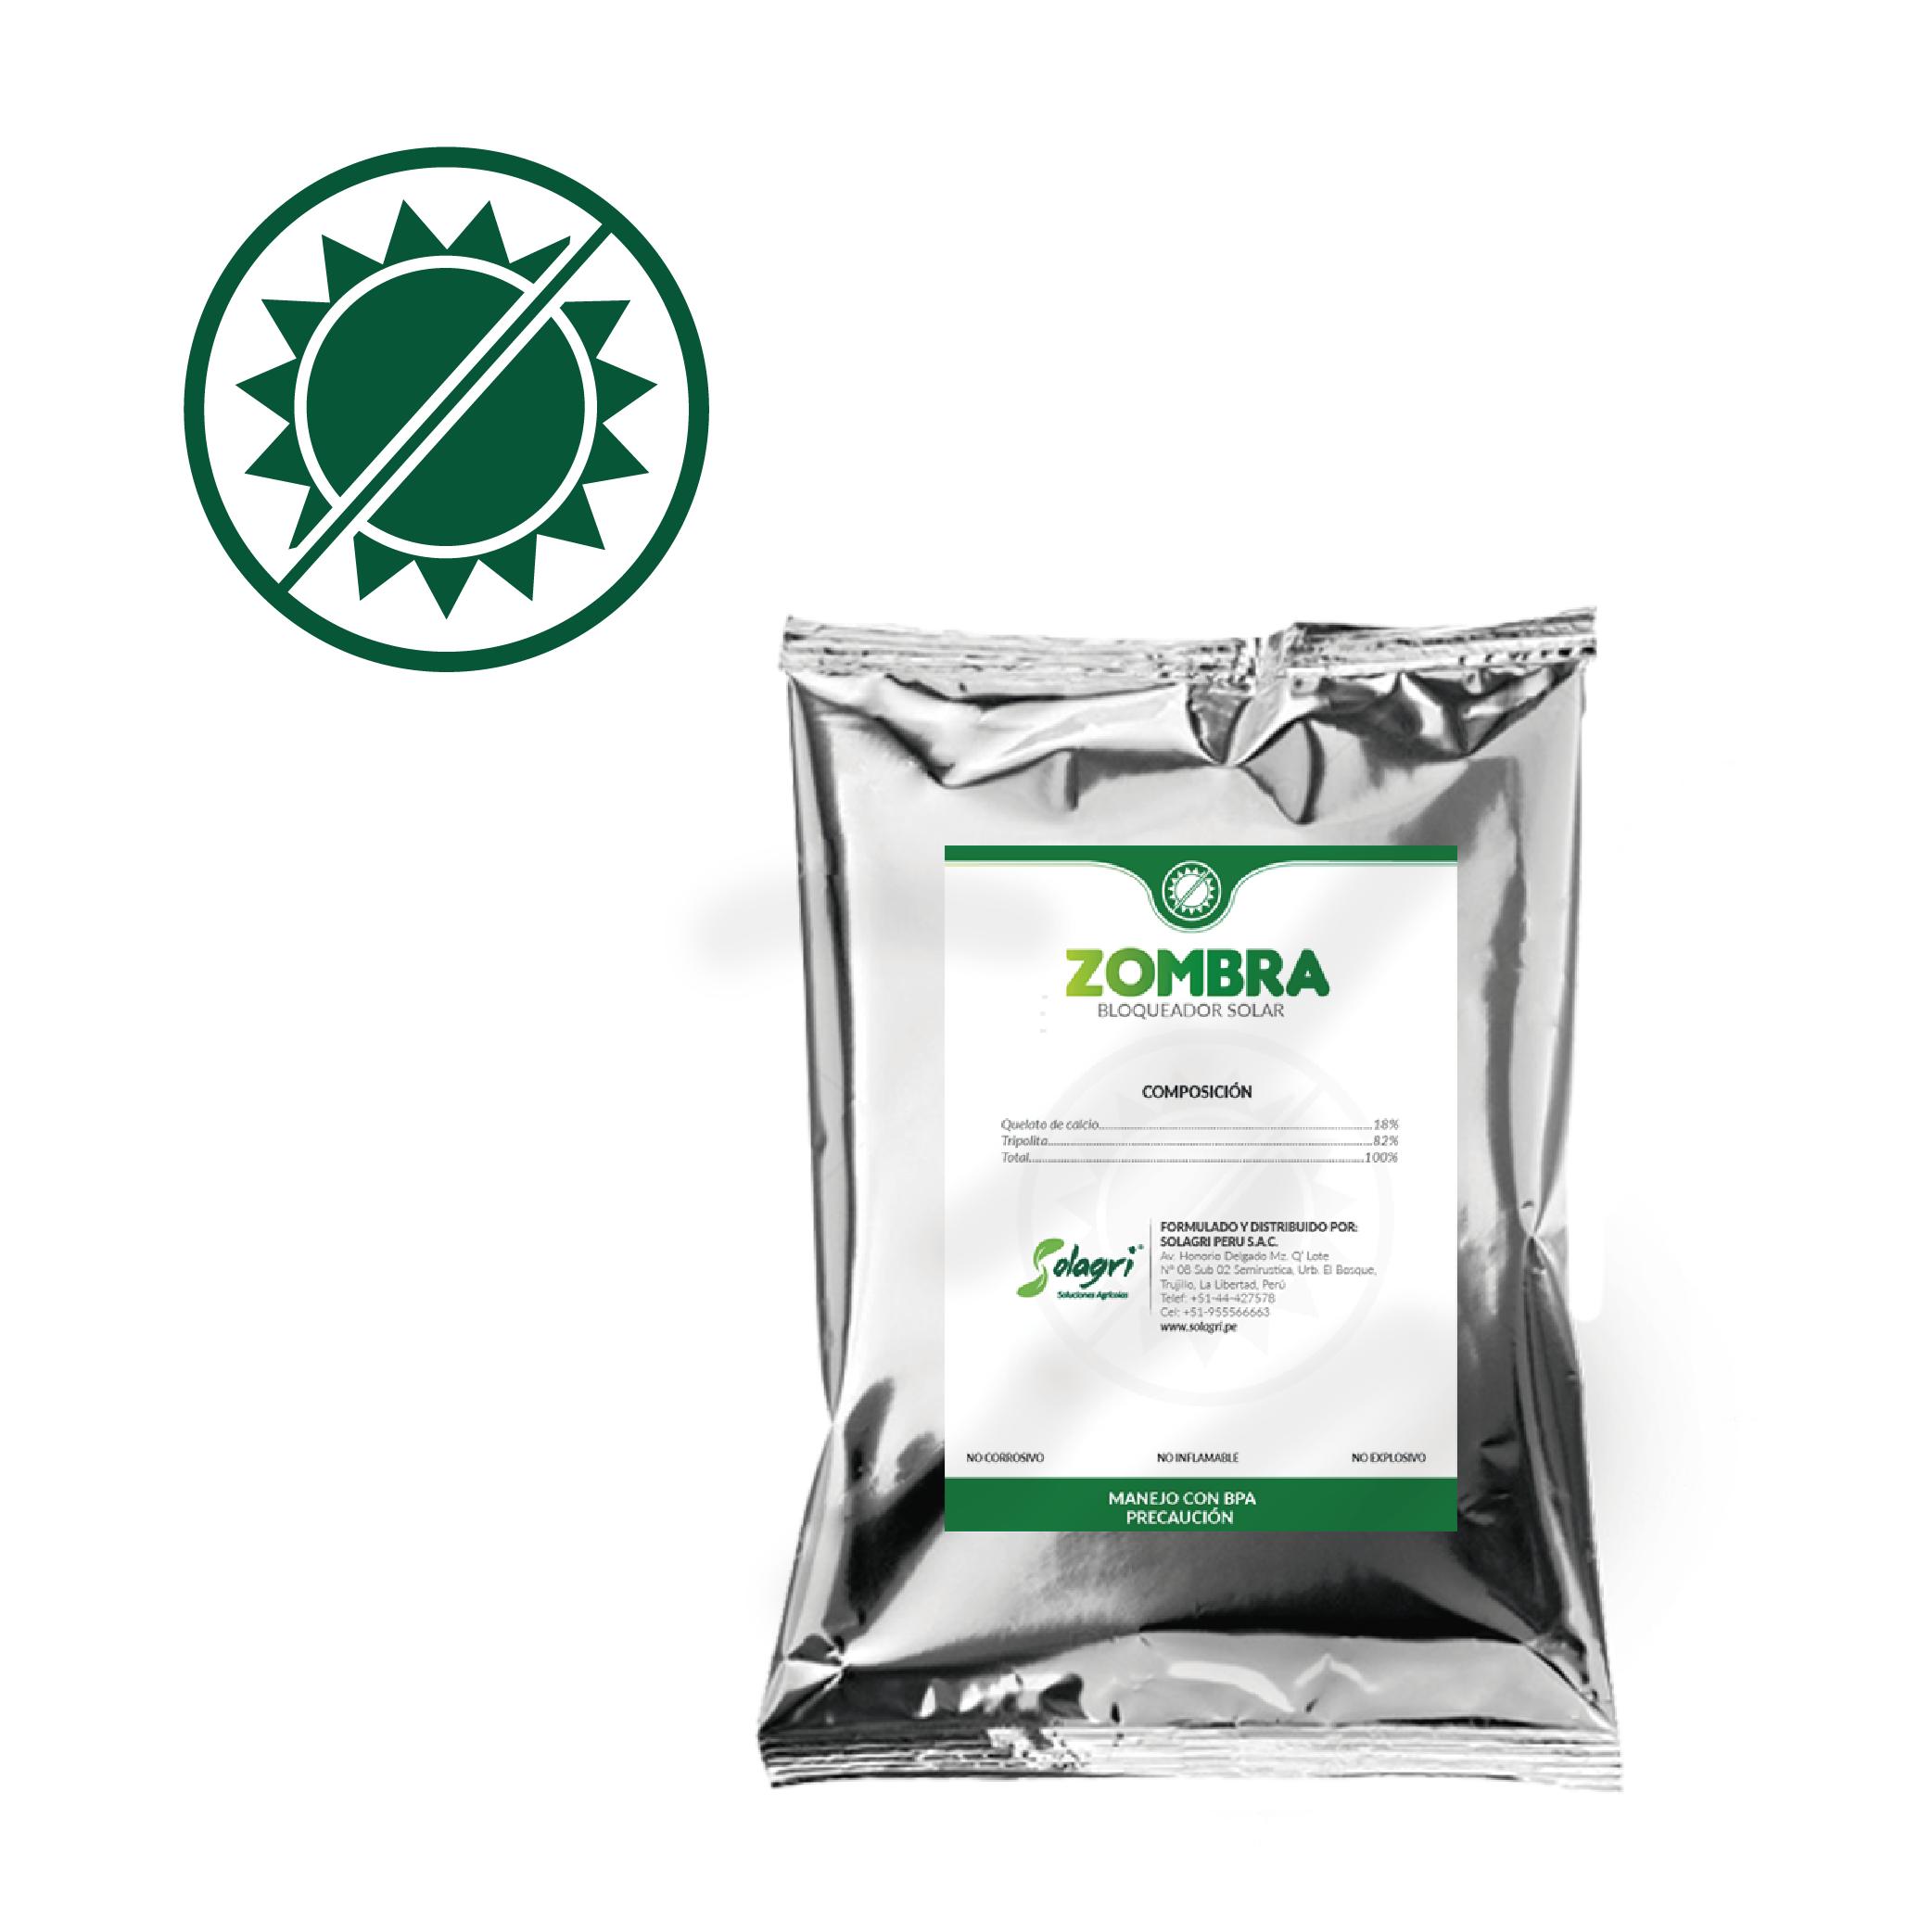 ZOMBRA-01